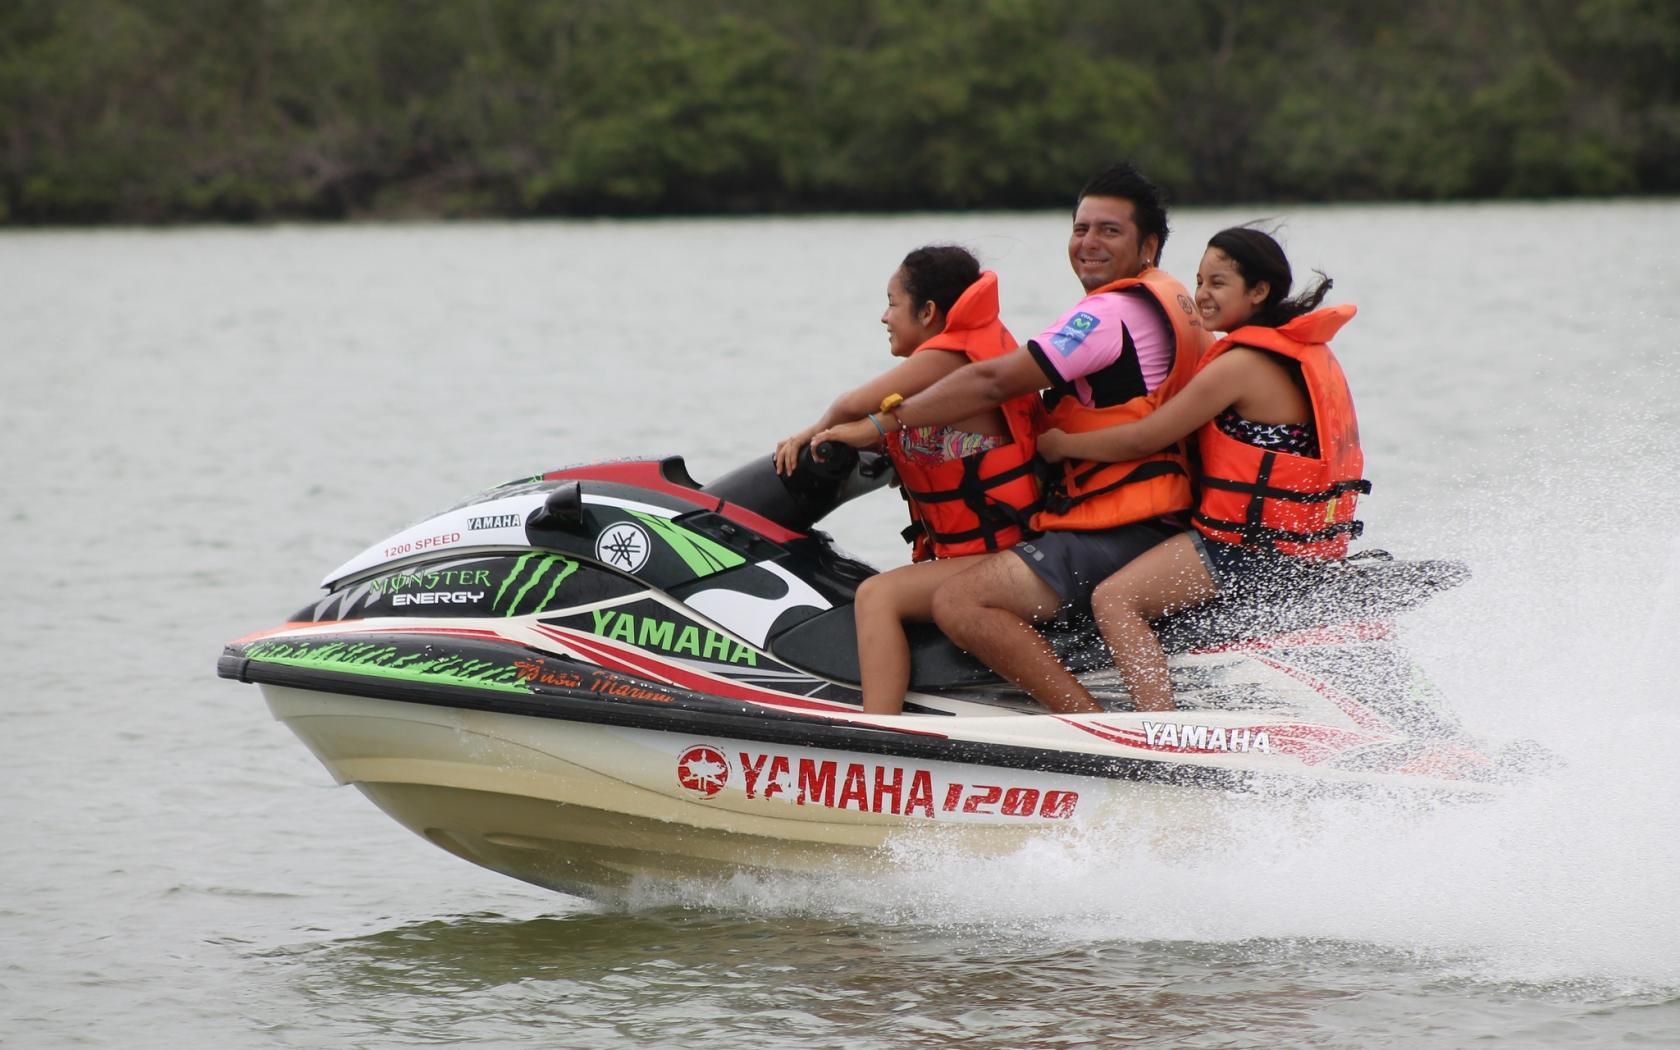 Paseos en motos acuáticas - 1680x1050